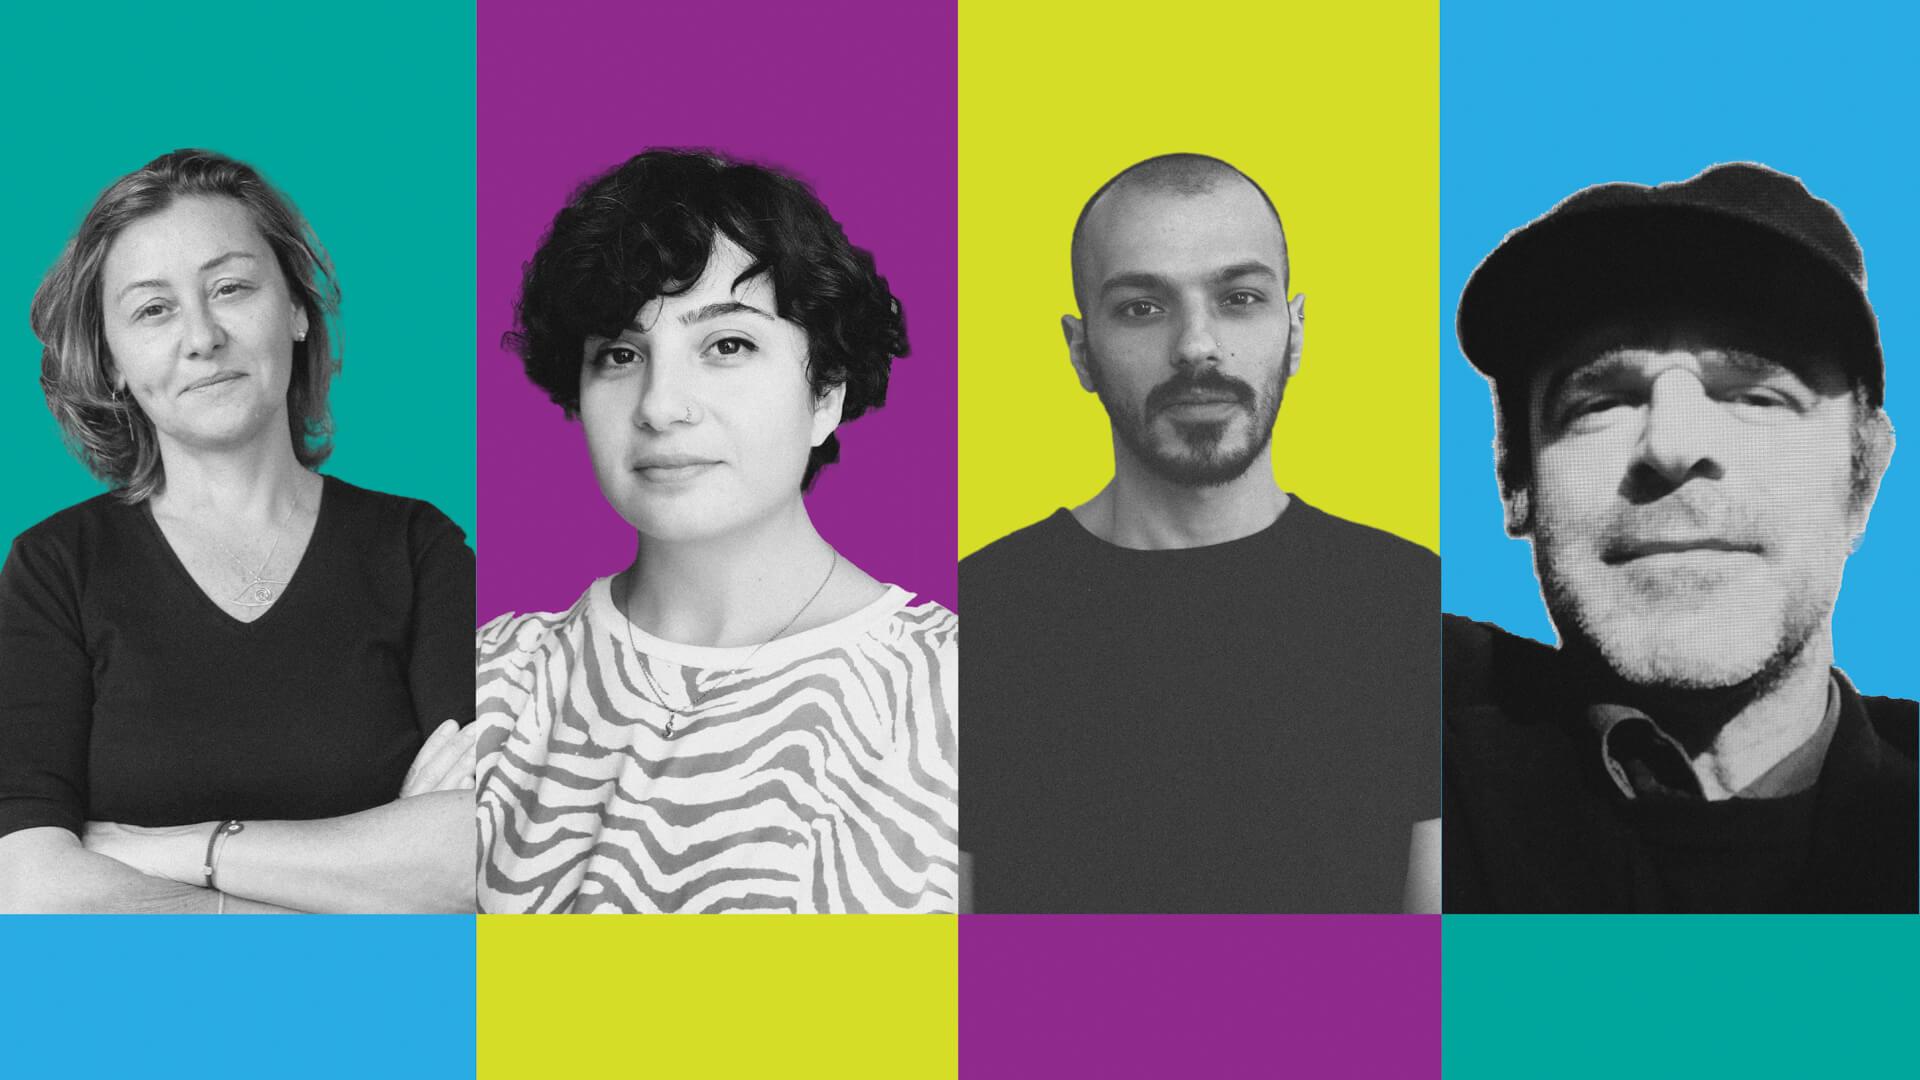 Geçiş – Okuldan Hayata <br> Merve Dündar, Sevim Kaya, Buğra Erol, Hakan Özer